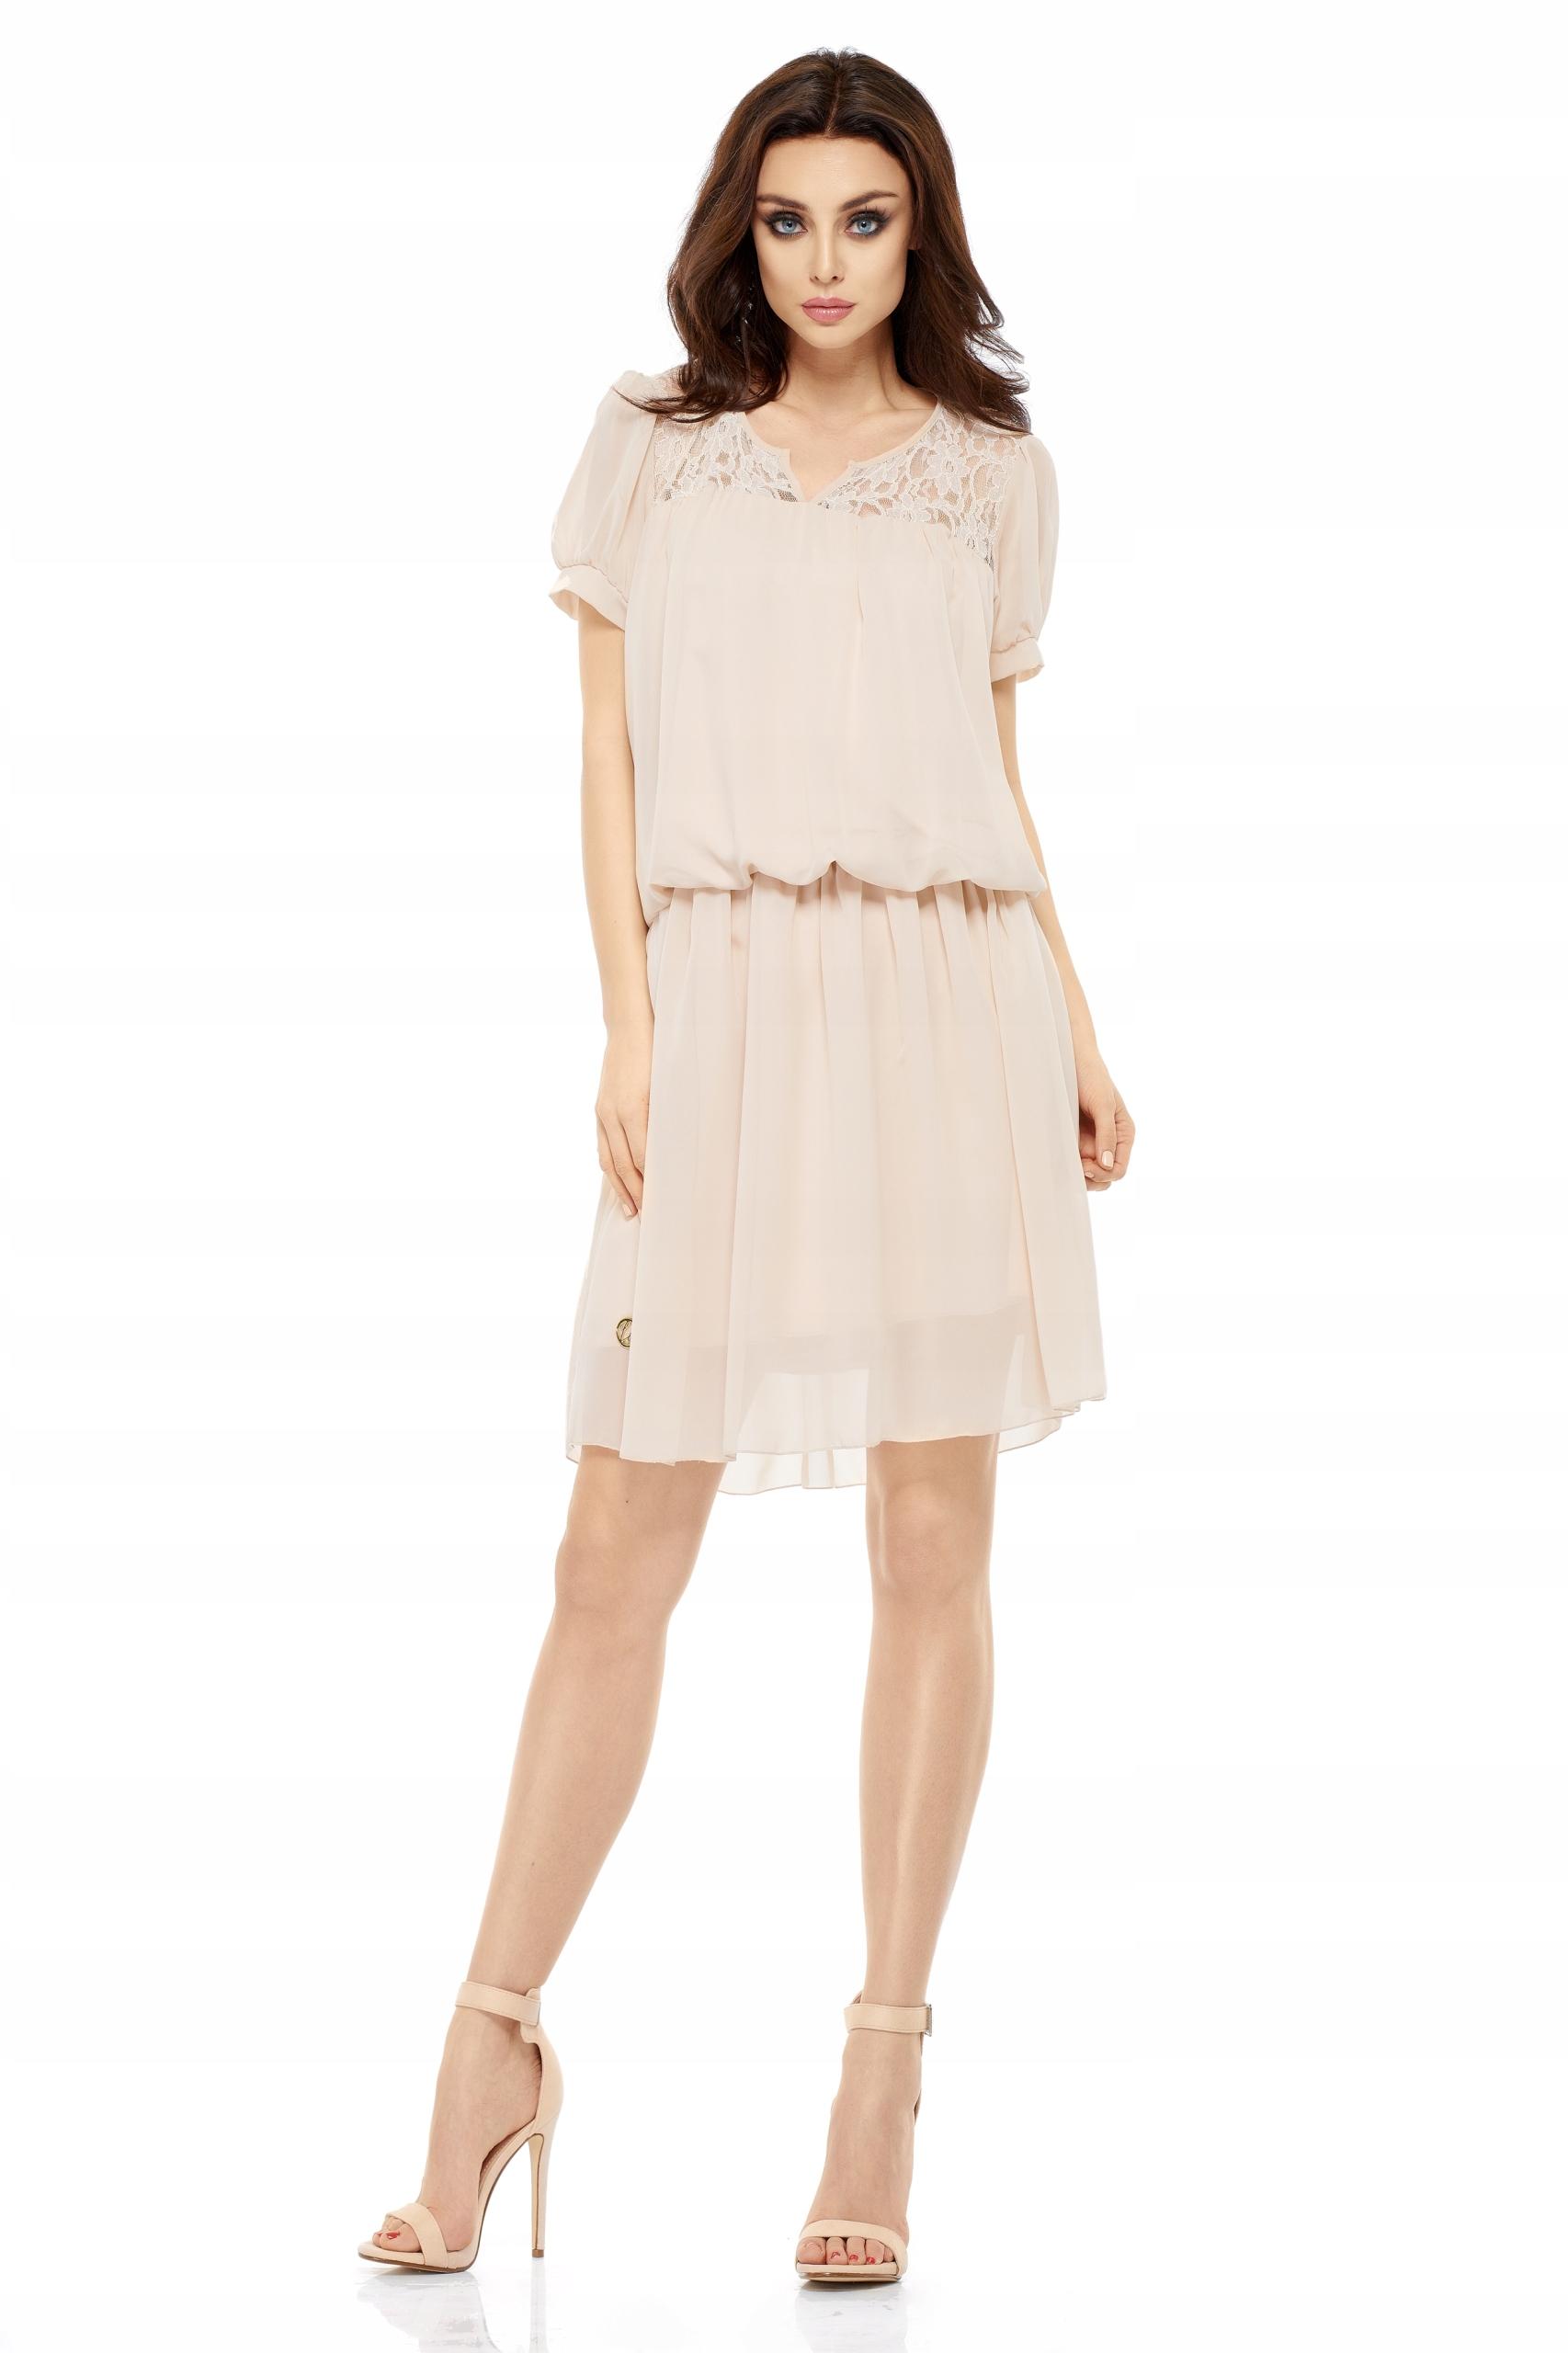 8308d2195c Sukienka koktajlowa z koronkową wstawką L Beżowy - 7442404026 ...